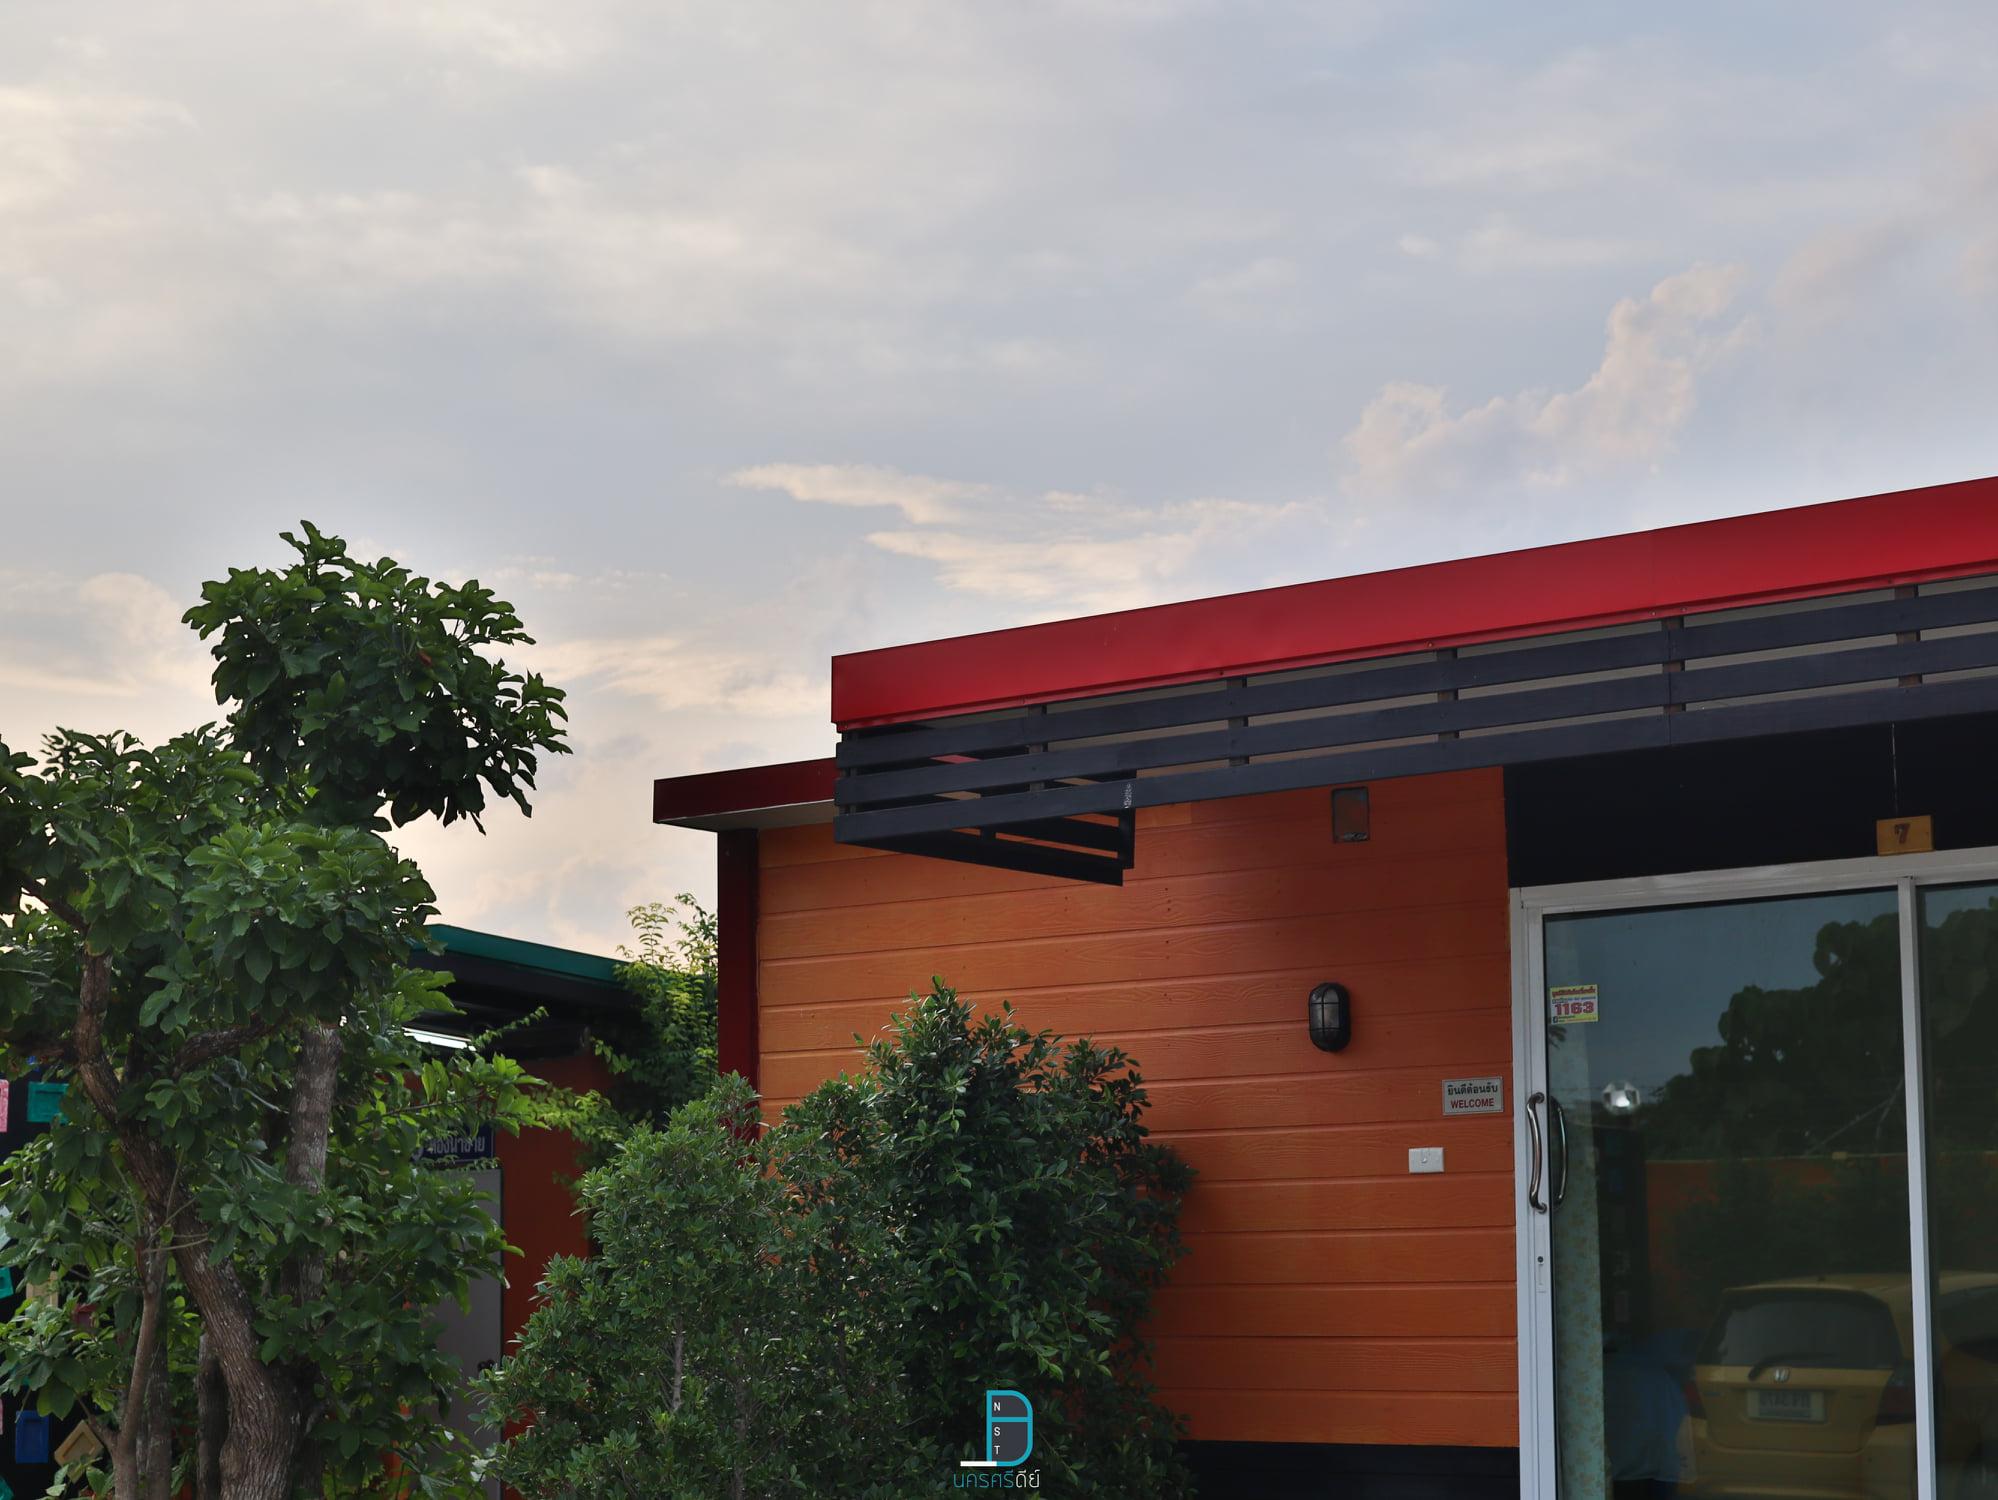 ที่พักธรรมชาติใจกลางเมือง นครศรีธรรมราช โรงแรมนวมิตรโฮมการ์เด้น นครศรีดีย์